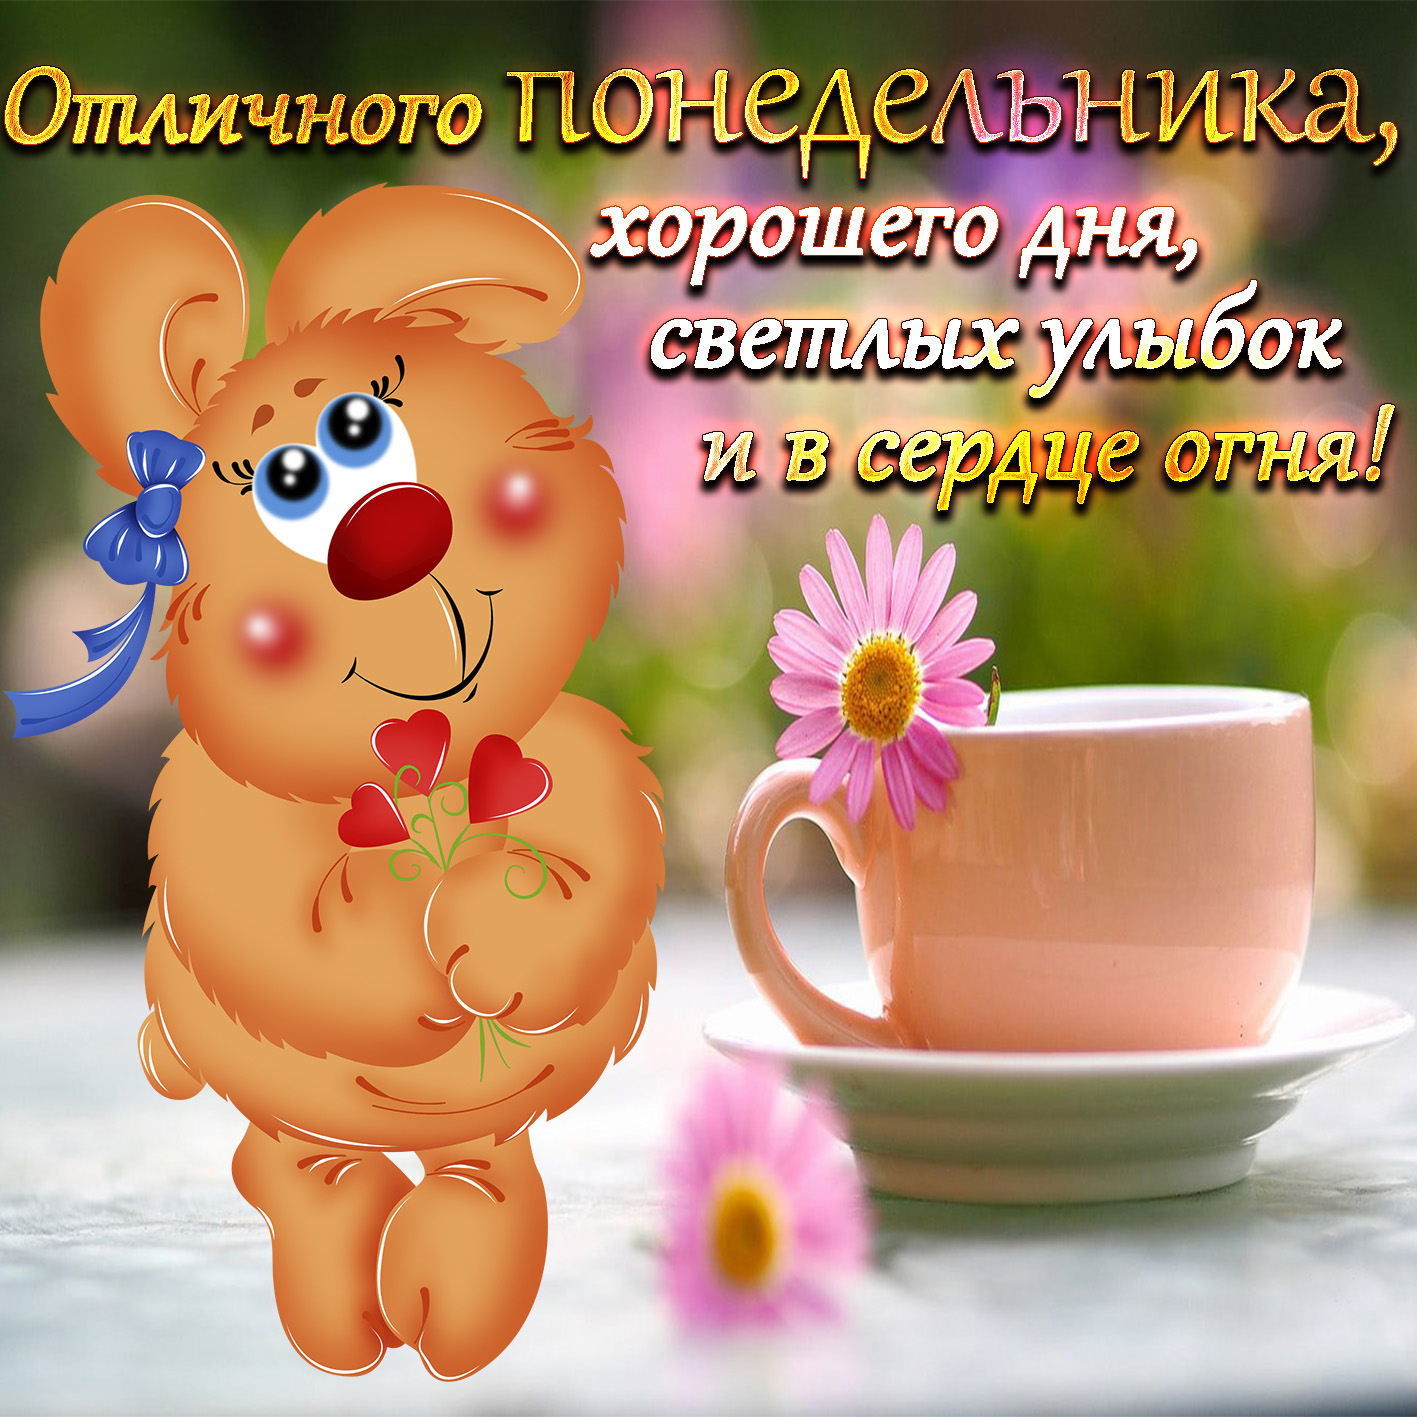 Пожеланиями картинках, открытки с приветствием и пожеланием хорошего дня женщине